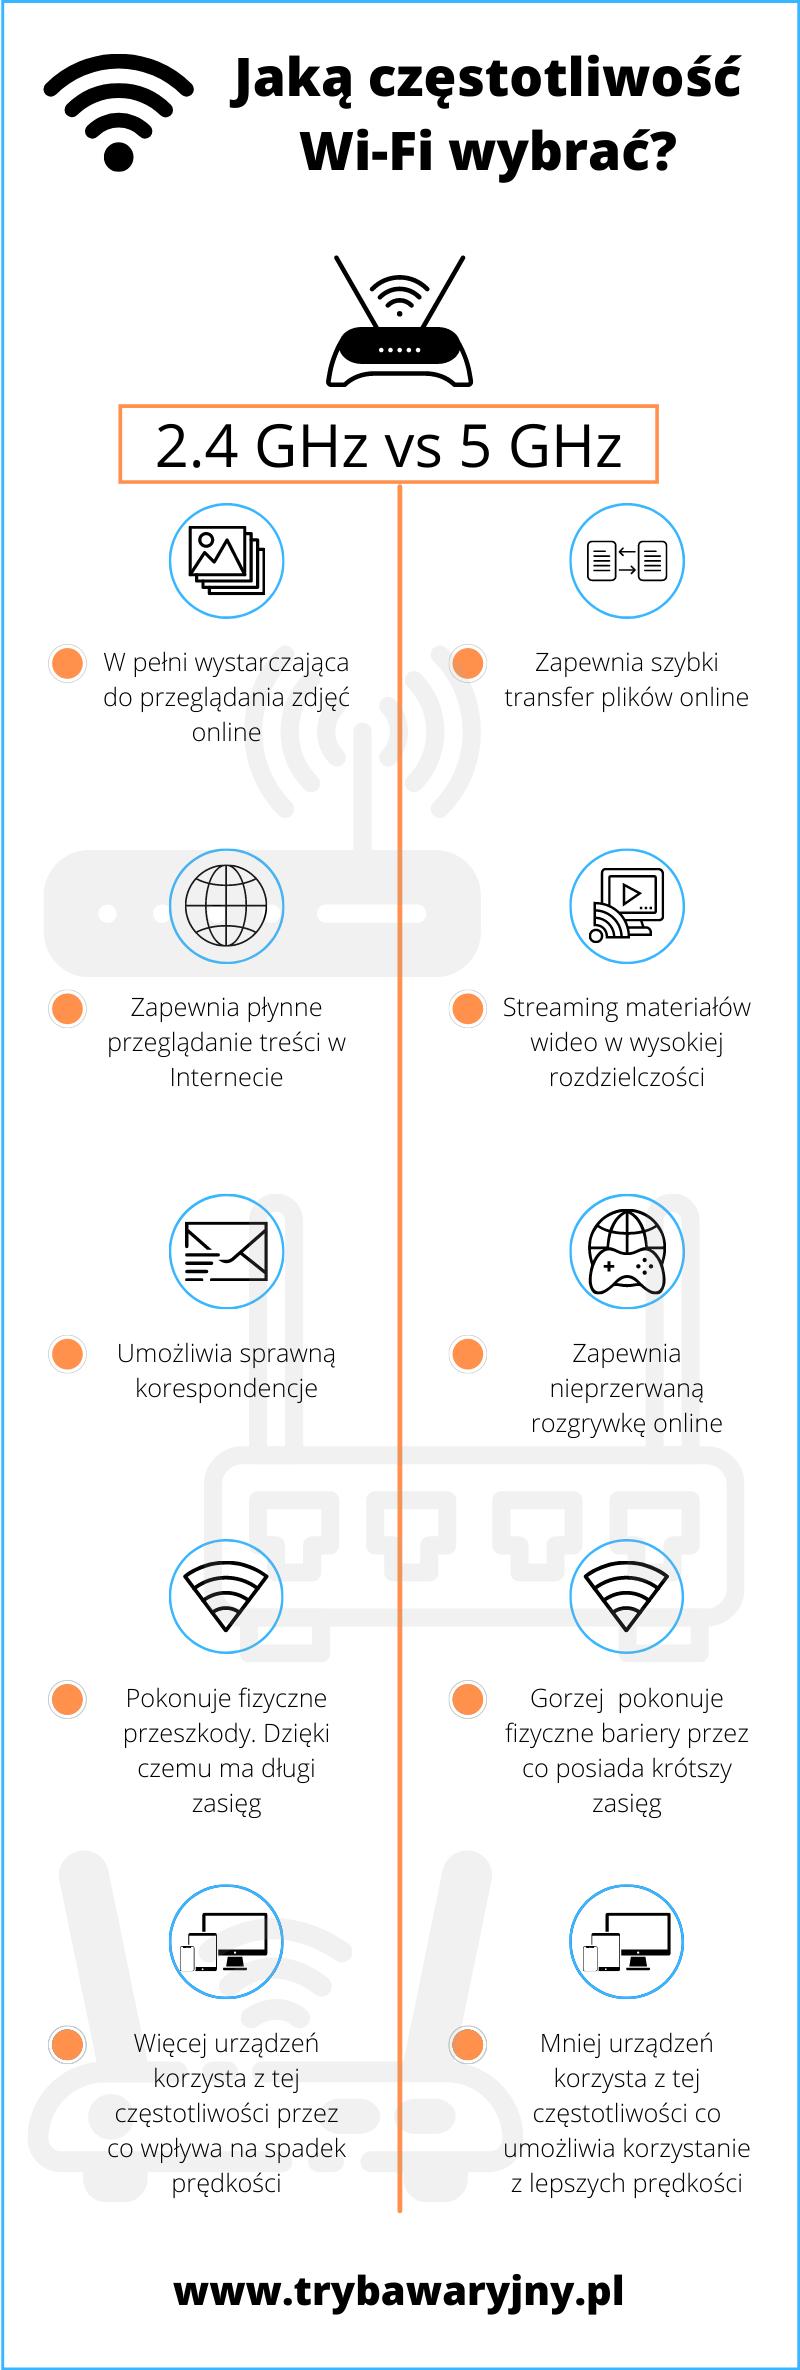 Infografika przedstawiającą częstotliwość Wi-Fi o dużym zasięgu.